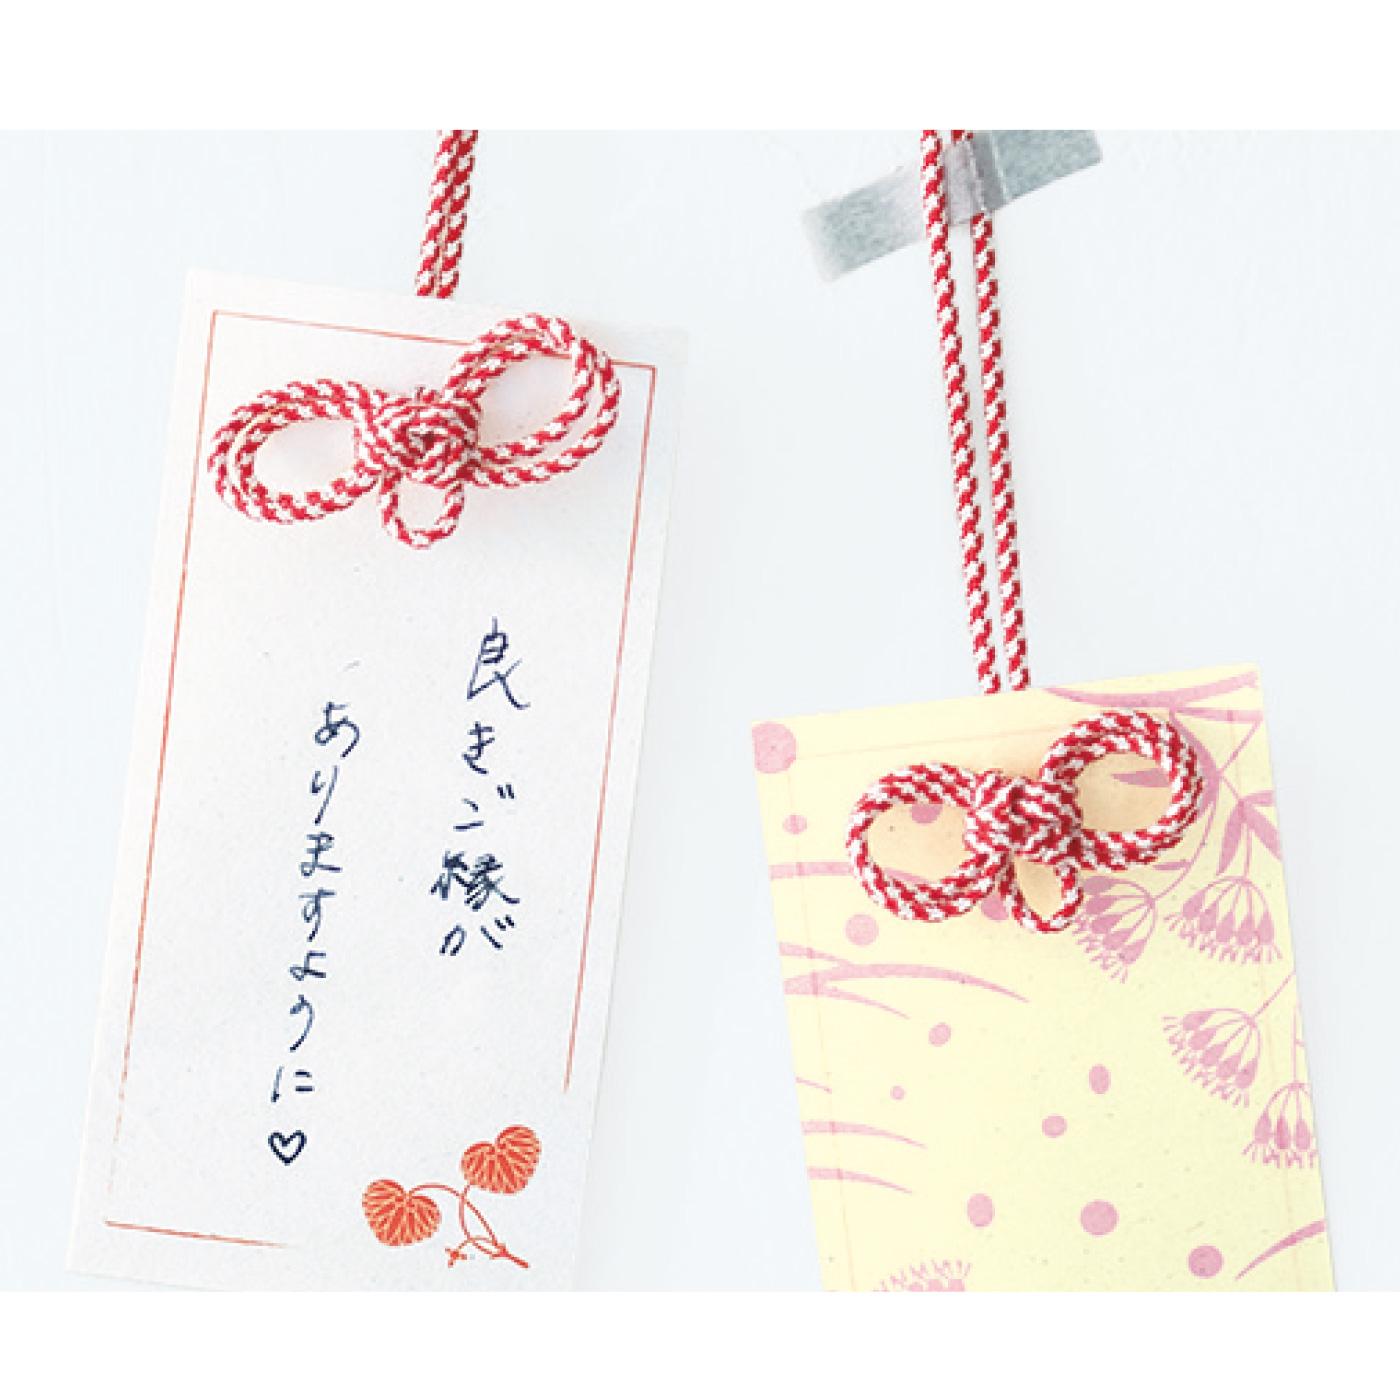 【短冊】 吊るしたり、飾ったり、ノートに挟んだりできる短冊。心の中の願いごとを紙にしたためてみませんか。